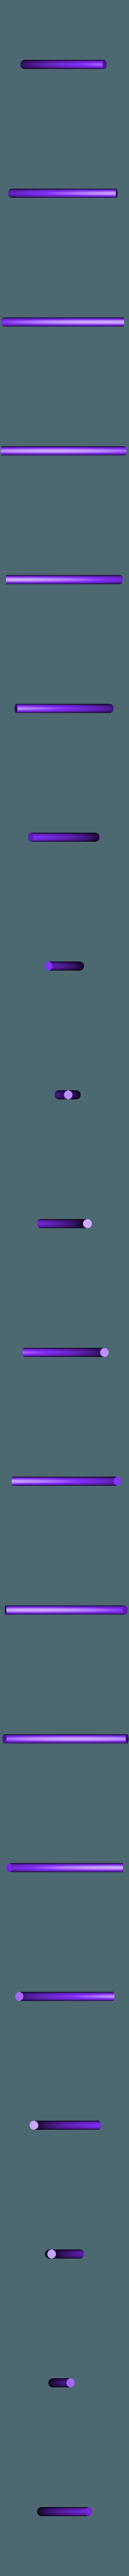 axle_4_45.STL Télécharger fichier STL gratuit MEGA Expansion 200+ Pièces • Plan à imprimer en 3D, Pwentey